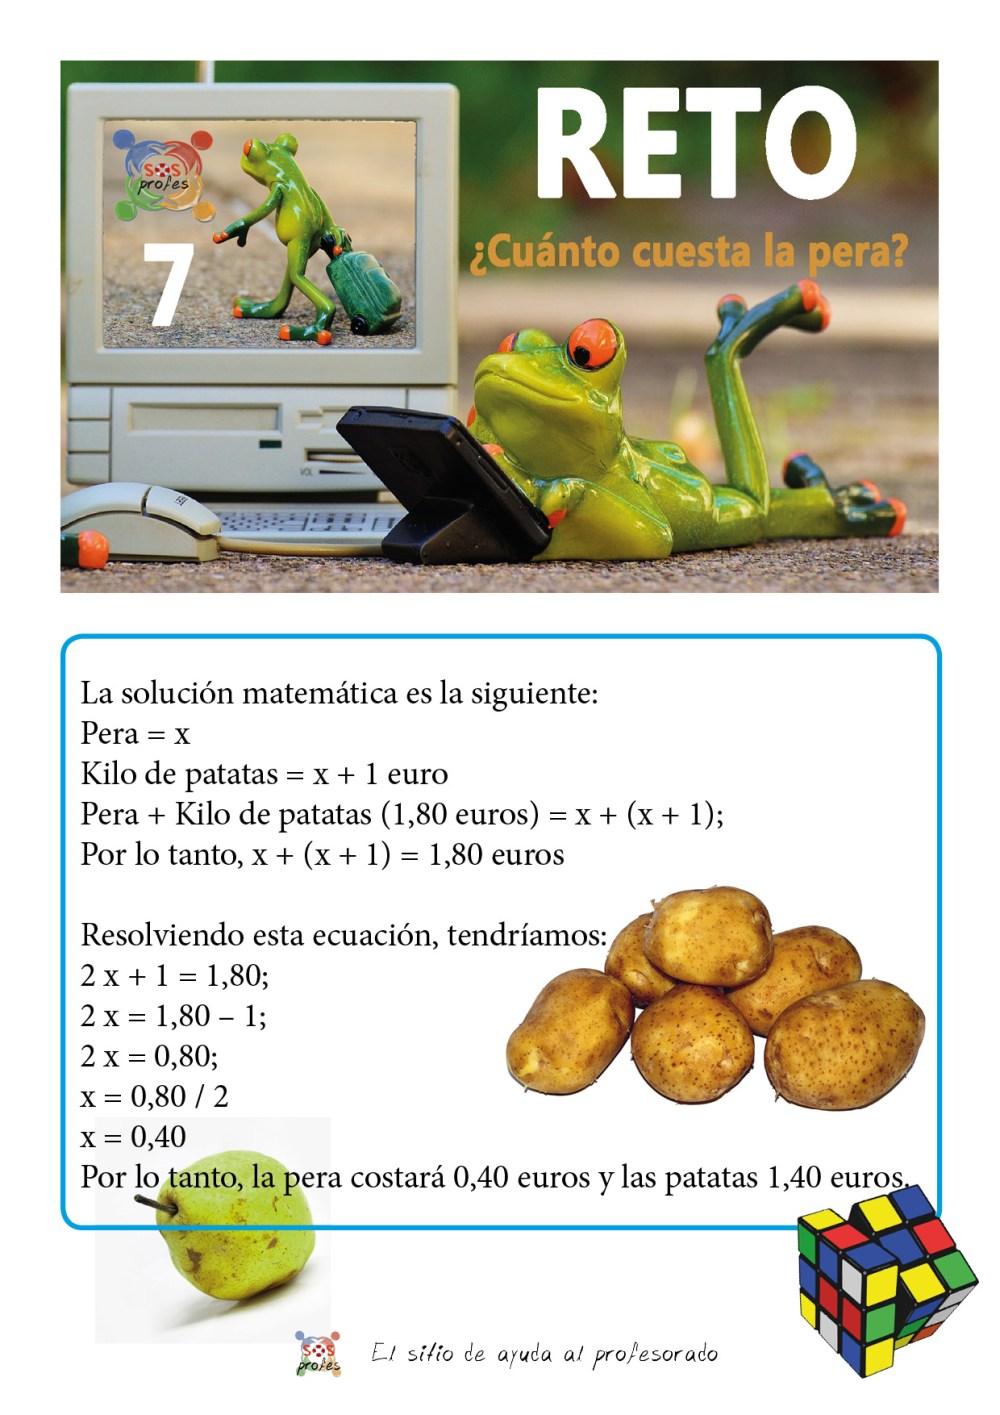 solucion-reto-7-cuanto-cuesta-la-pera